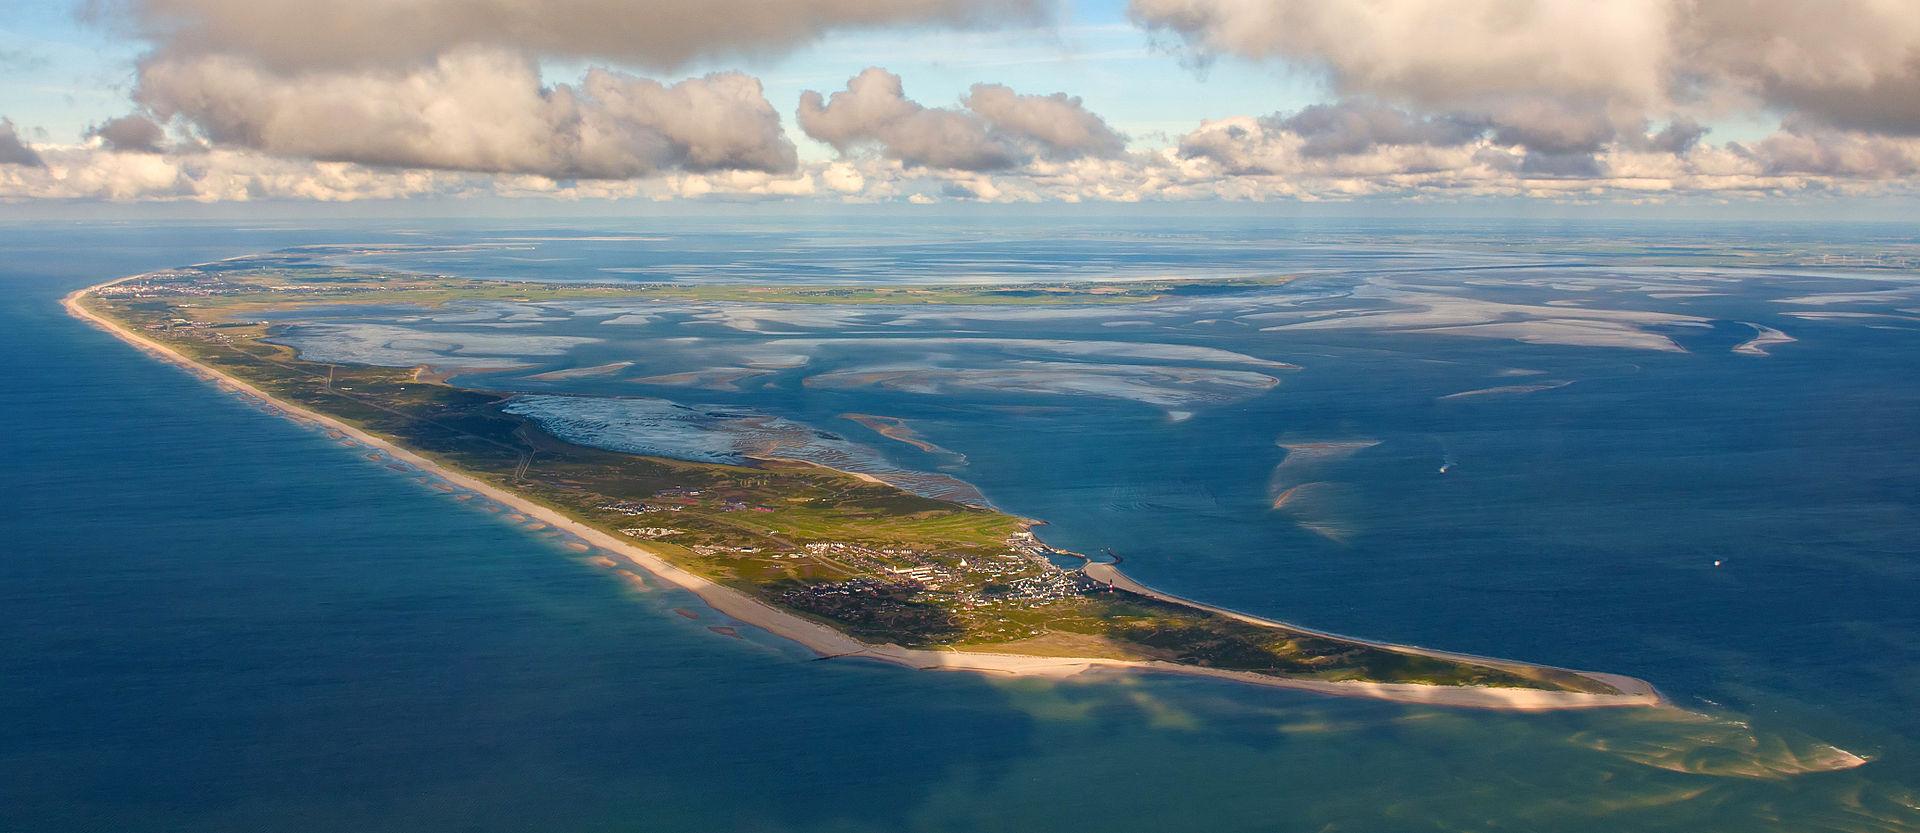 ทะเลวาดเดน-วิวมุมสูงสวยงาม